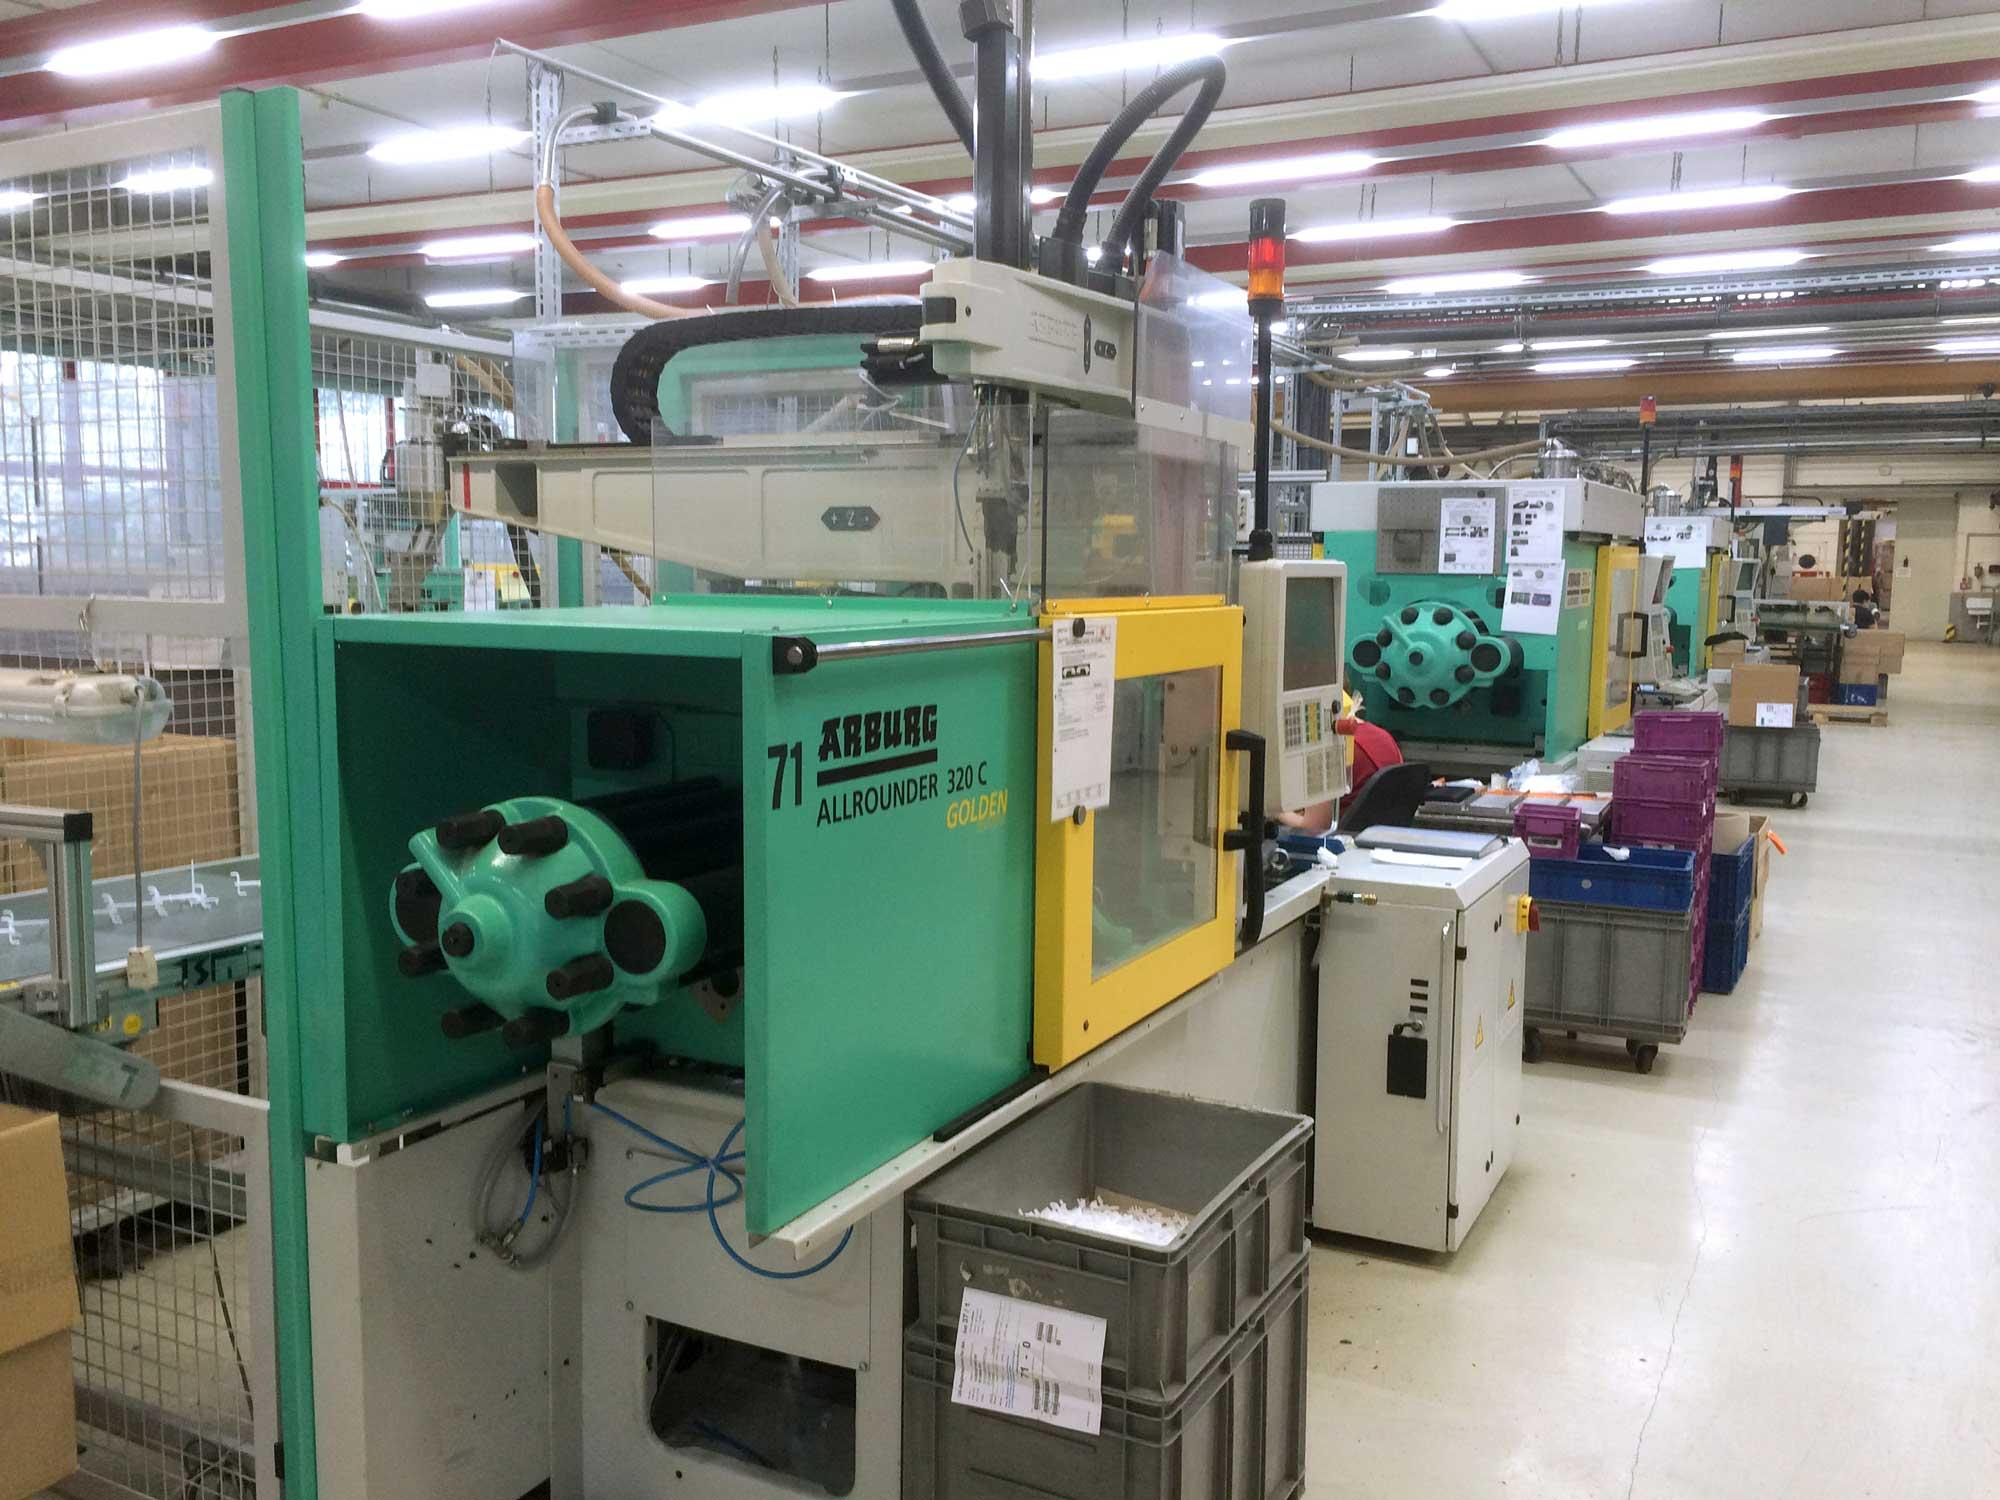 Foto einer Industriehalle nach Umrüstung auf KB Silverline.pro